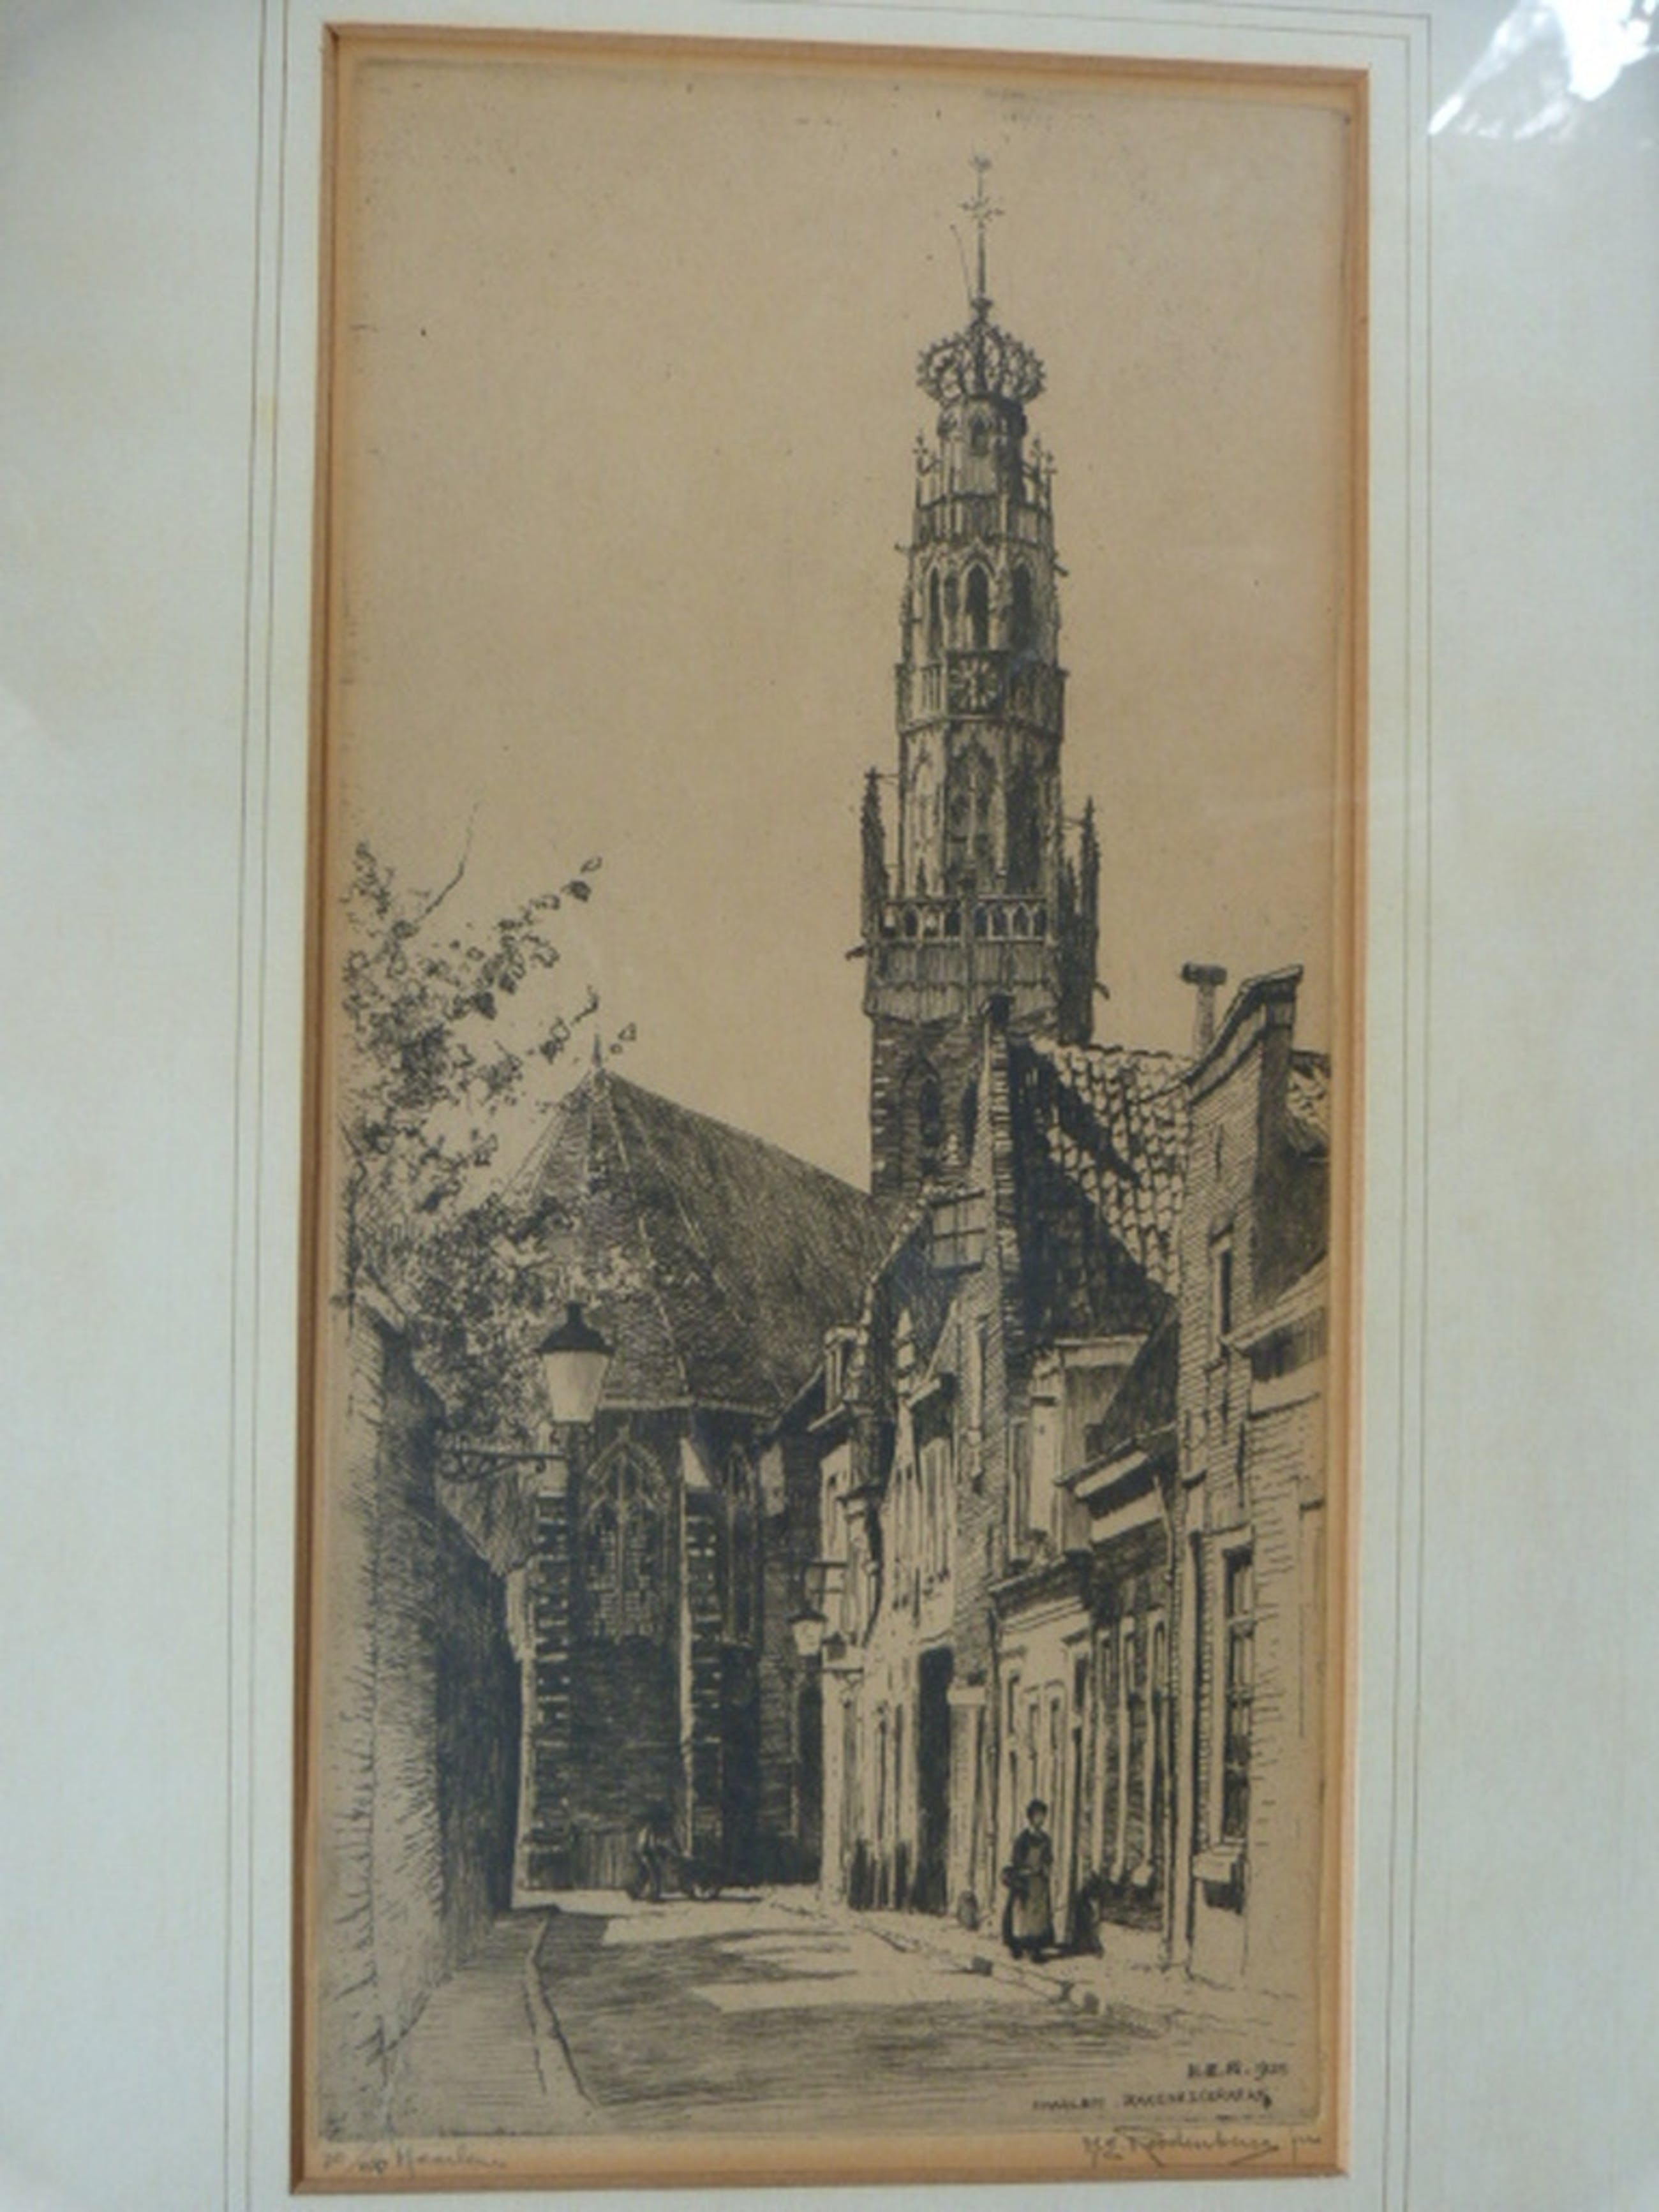 H.E. Roodenburg - Haarlem - Bakenesserkerktoren en Utrecht - Buurkerkhof kopen? Bied vanaf 1!